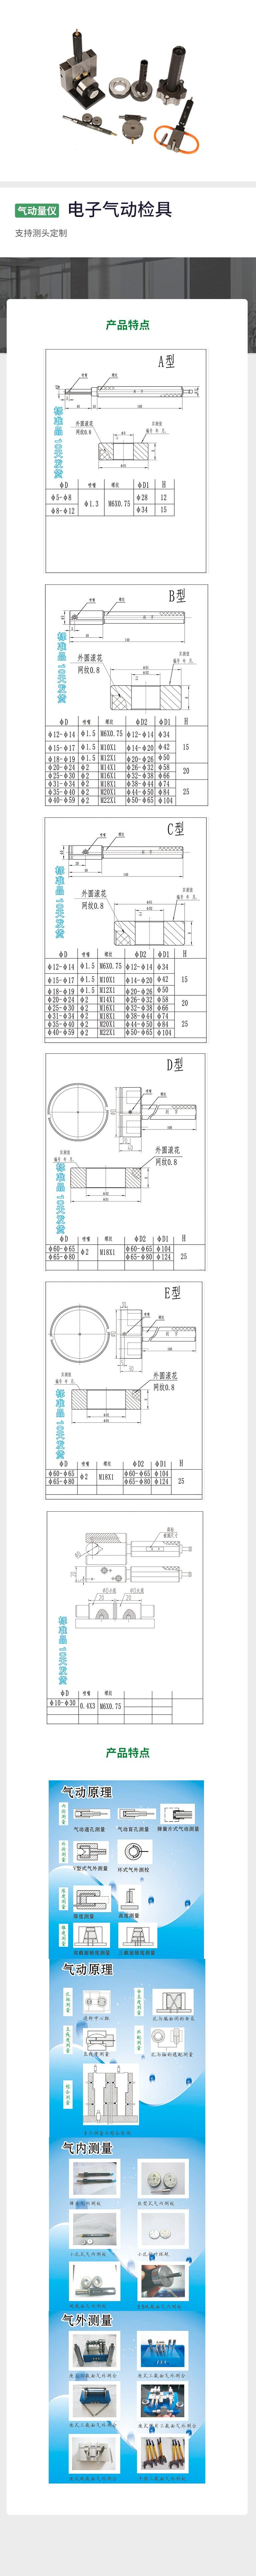 电子气动检具_01.jpg